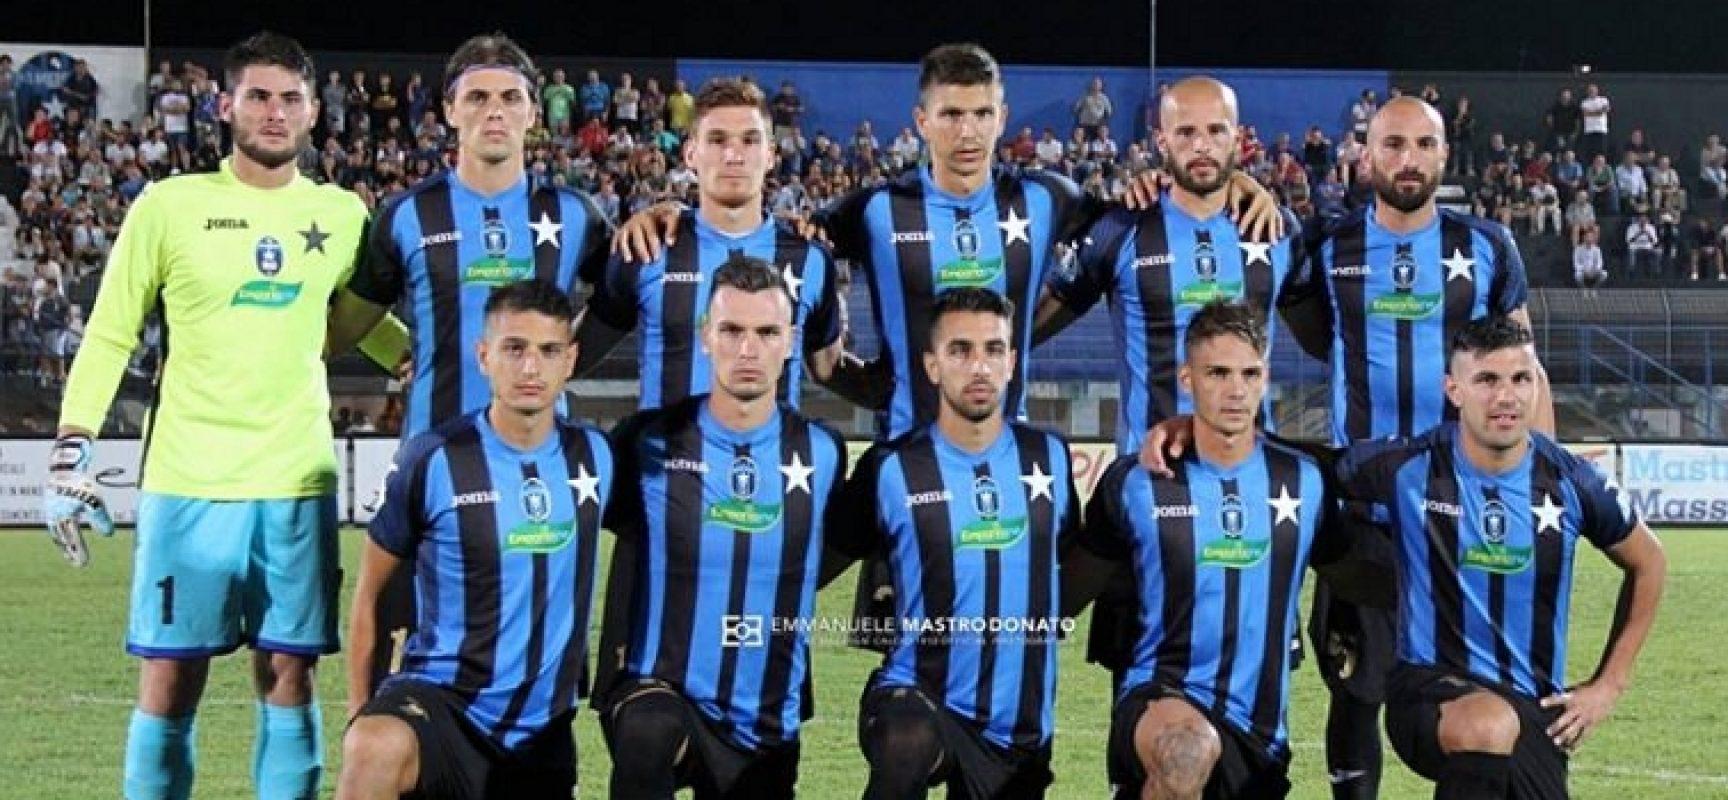 Bisceglie Calcio, ripresa la preparazione per la sfida contro il Catanzaro